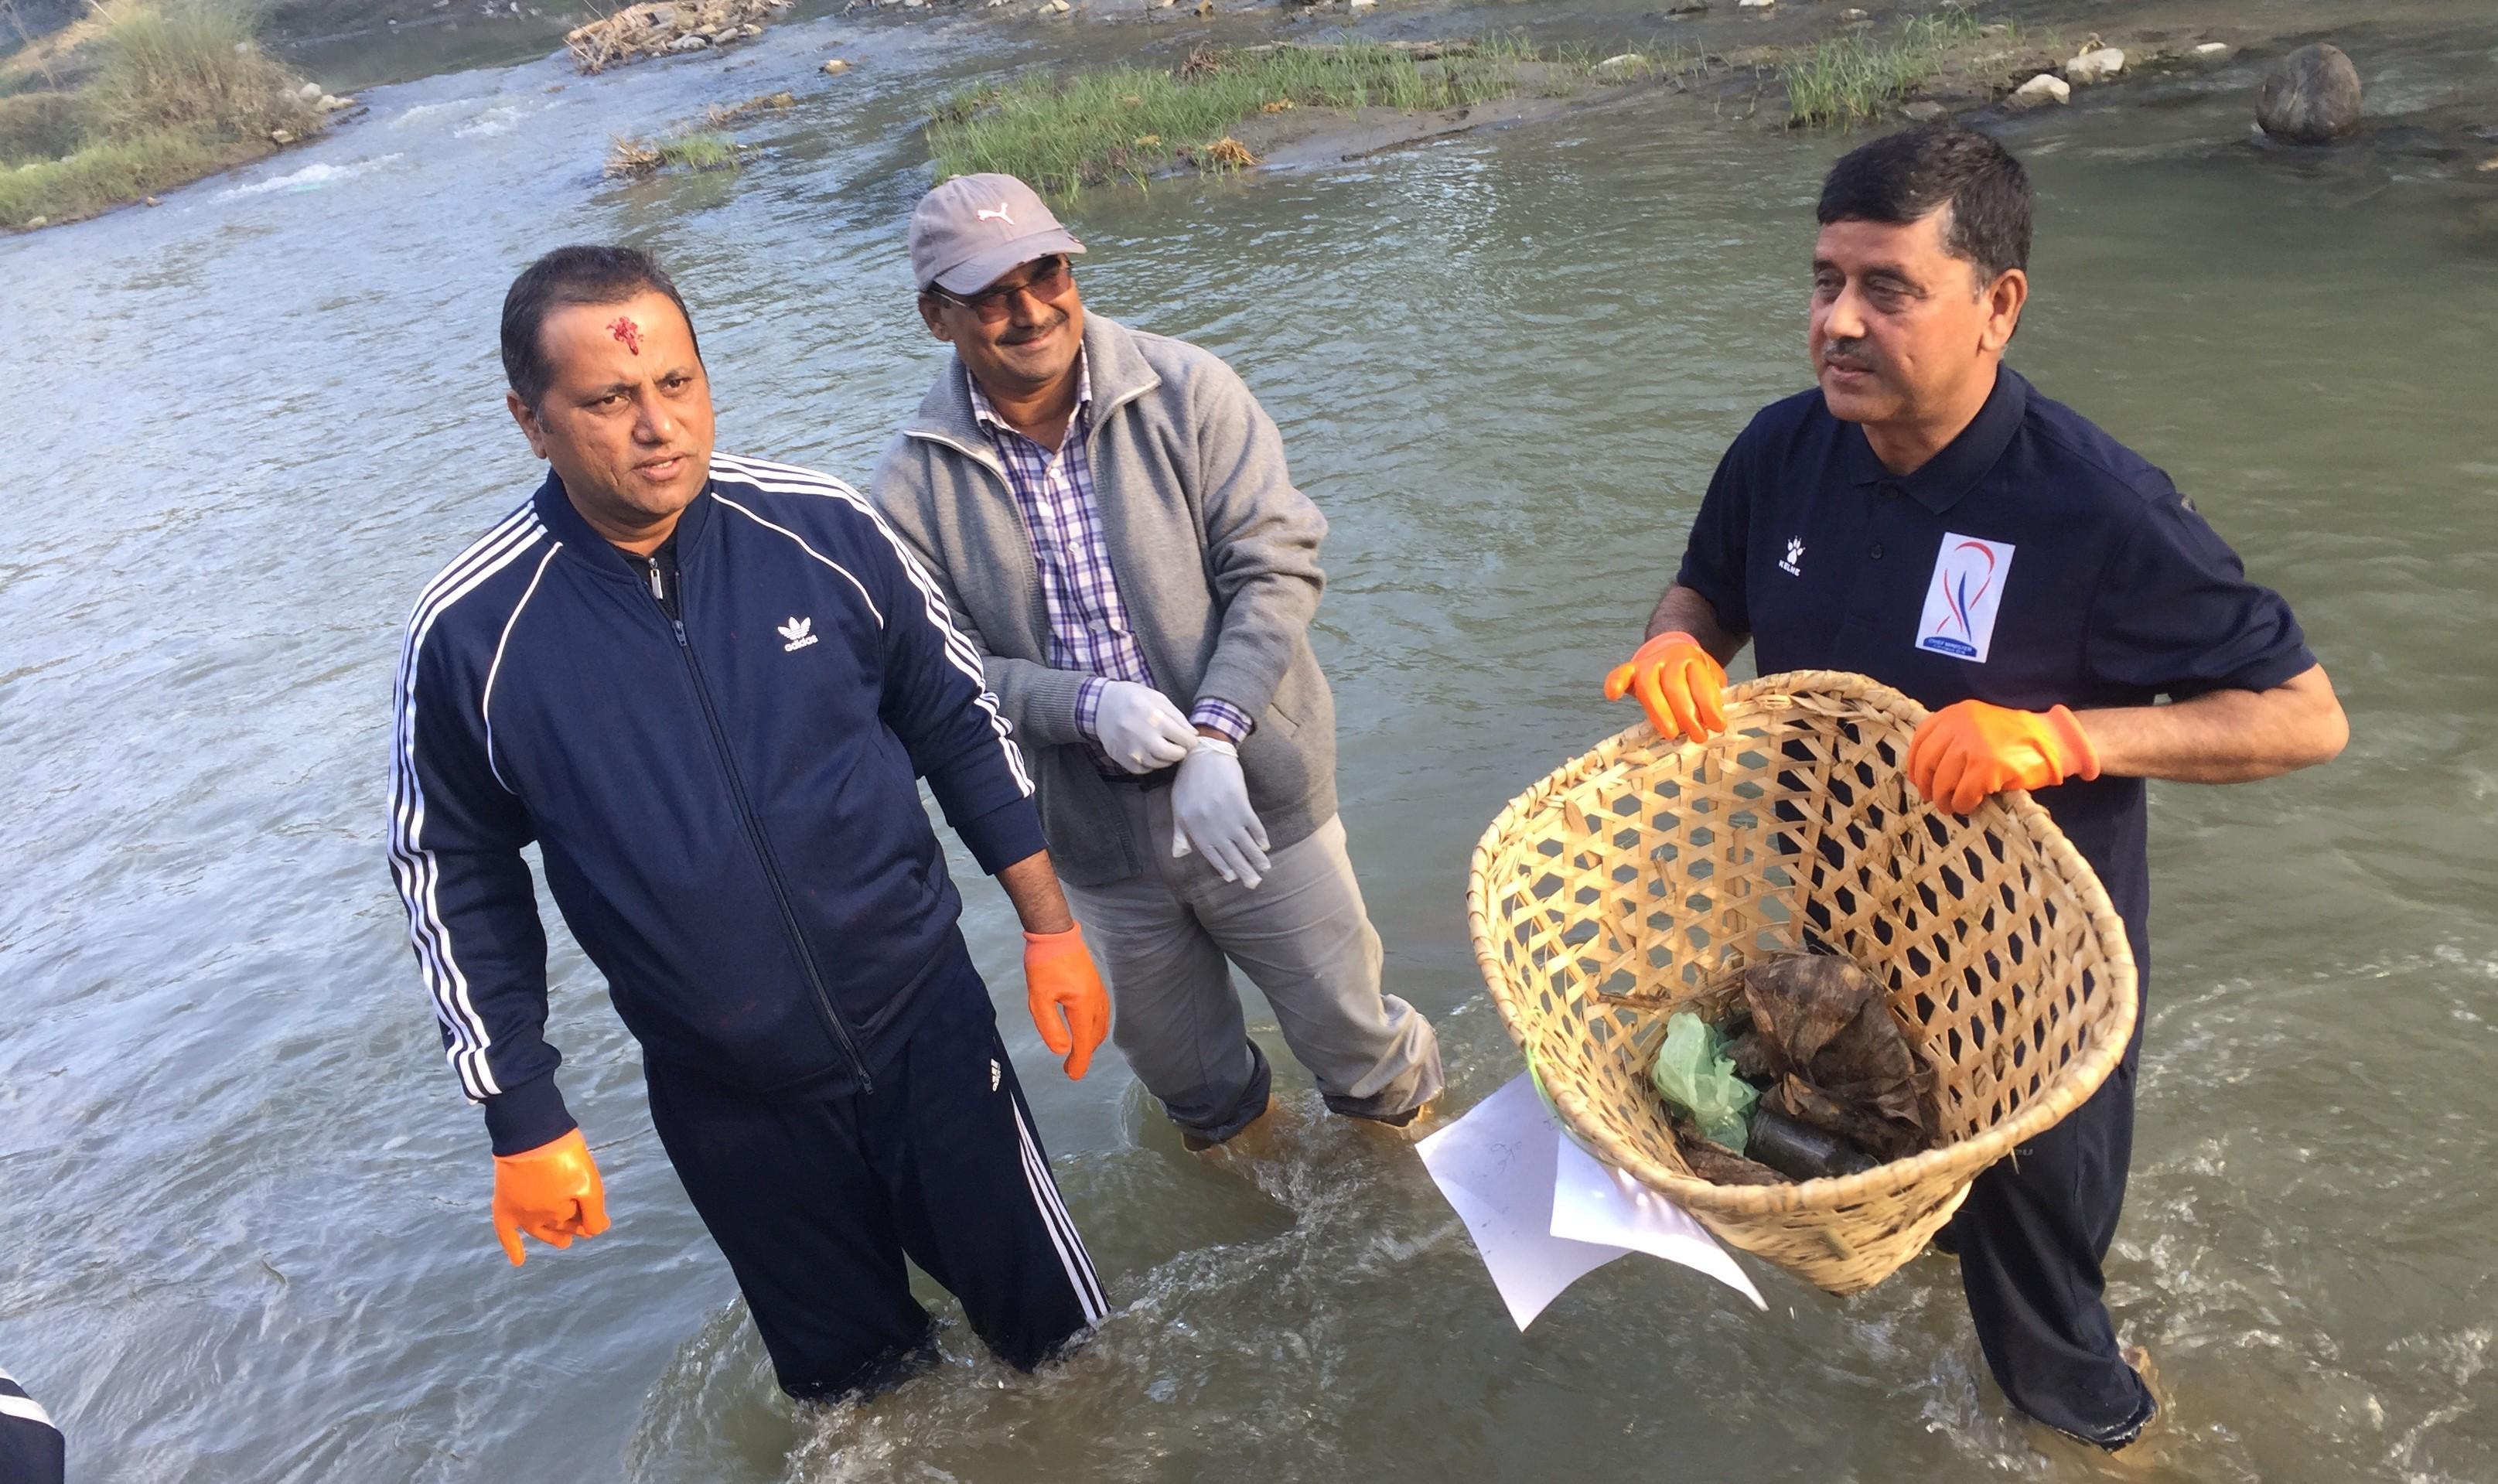 सिंघिया नदीमा सफाई अभियान शुरु, सुकुम्वासी वस्ती व्यबस्थित गरिने